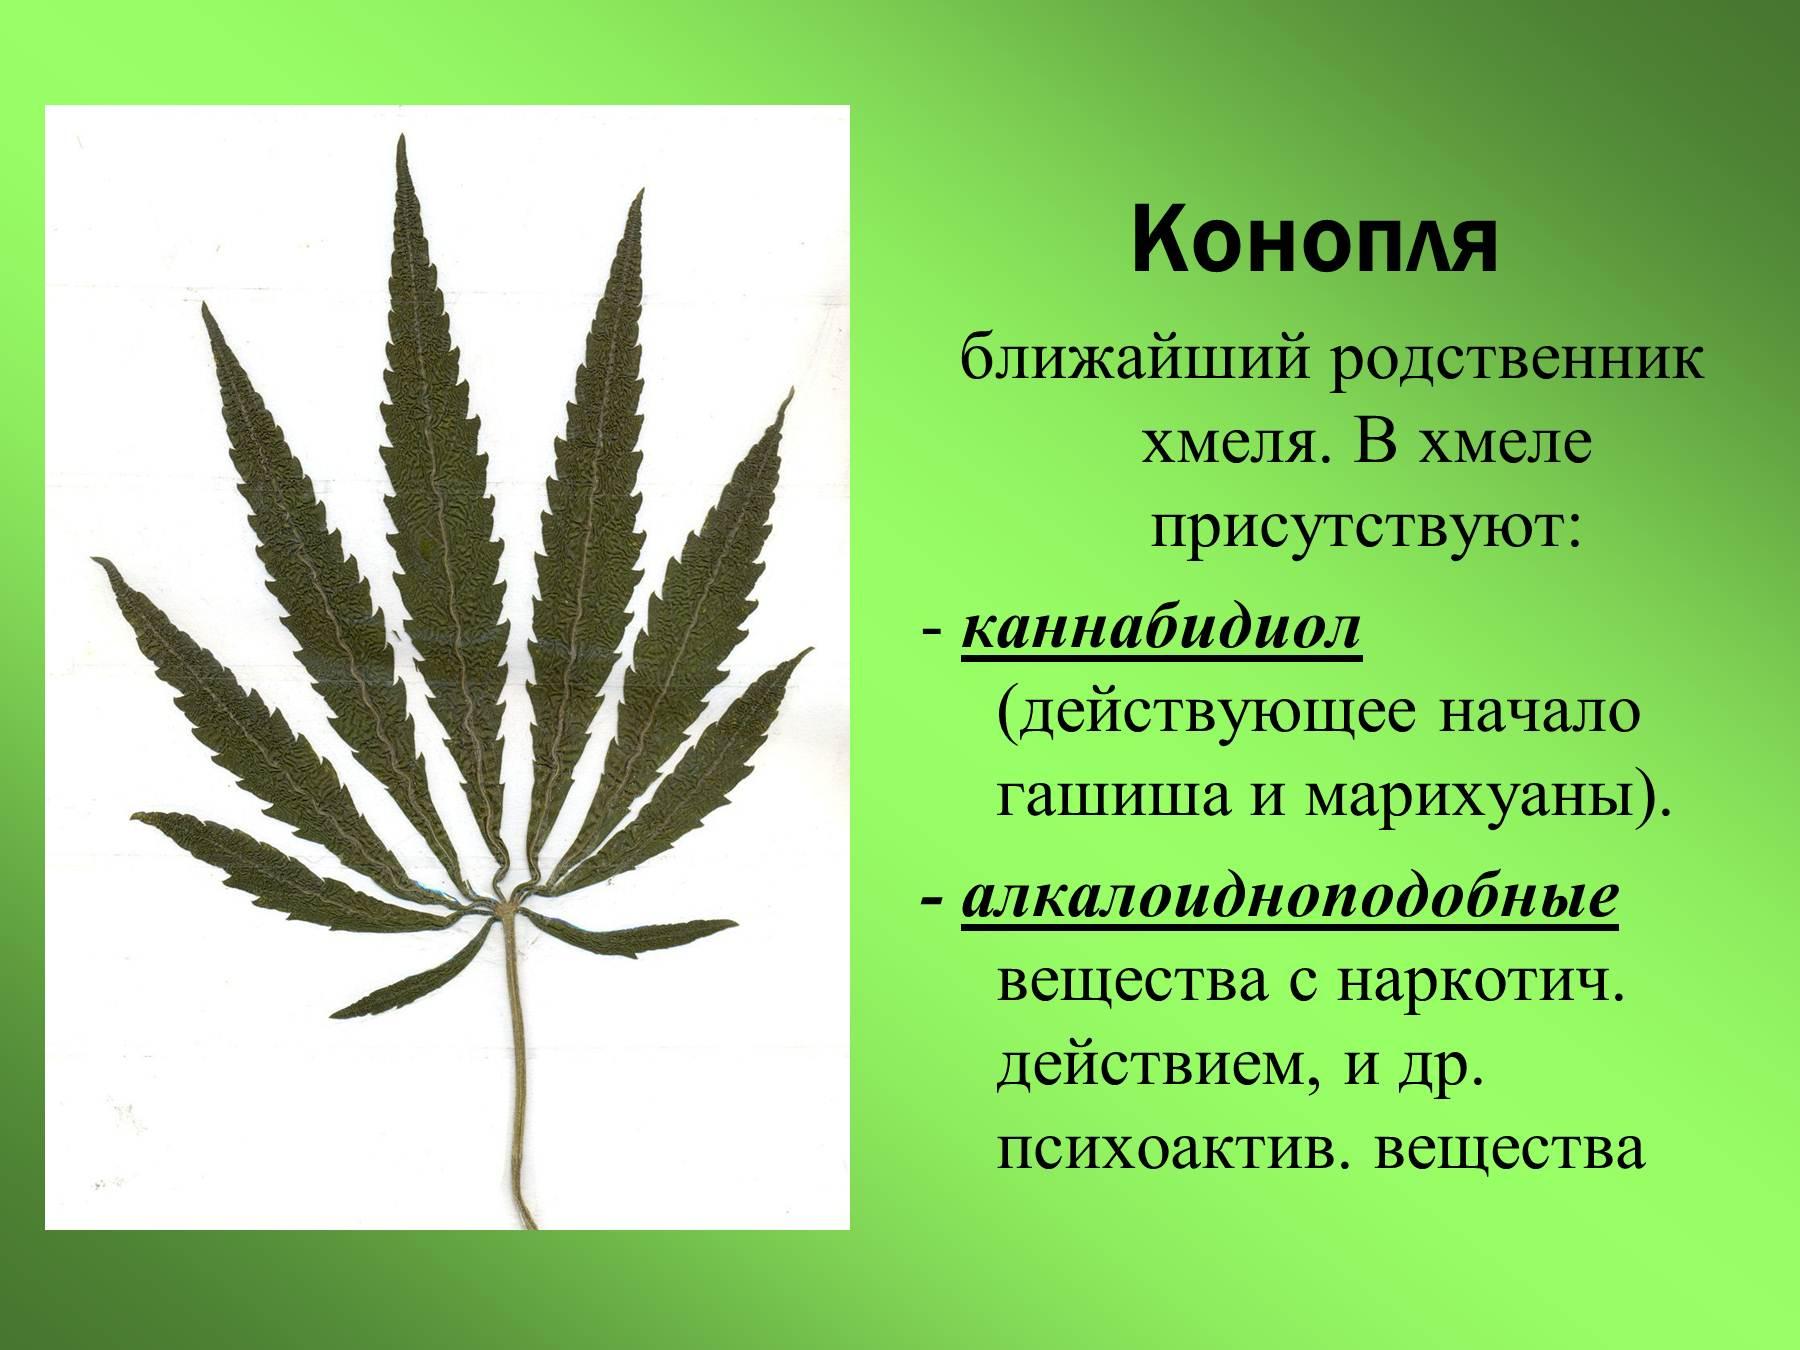 Марихуана вредна тем приспособления для курения марихуаны